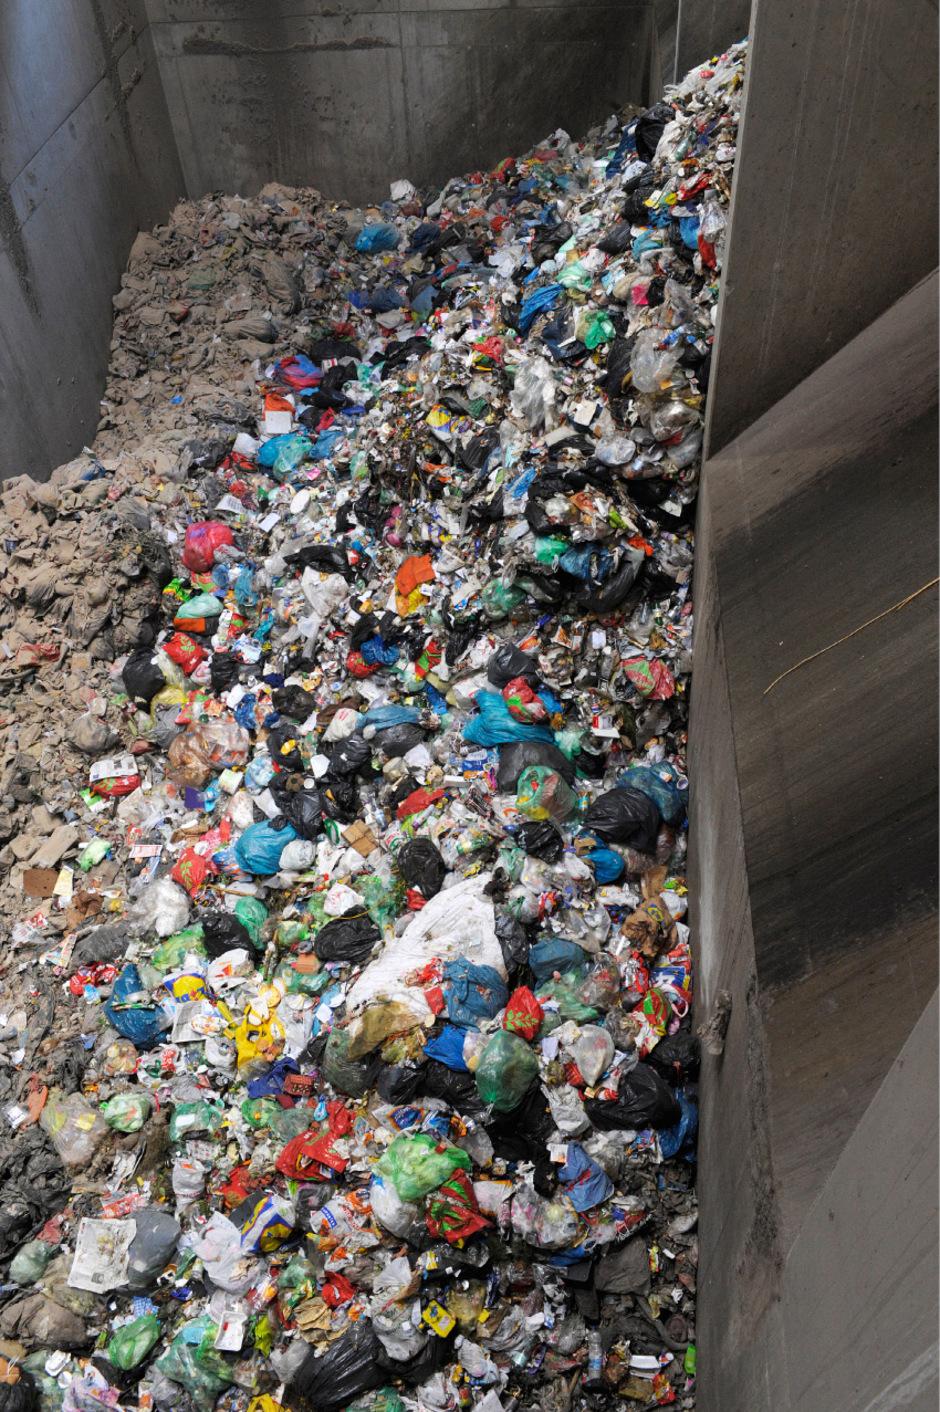 Der weltweite Müllberg wächst drastisch.